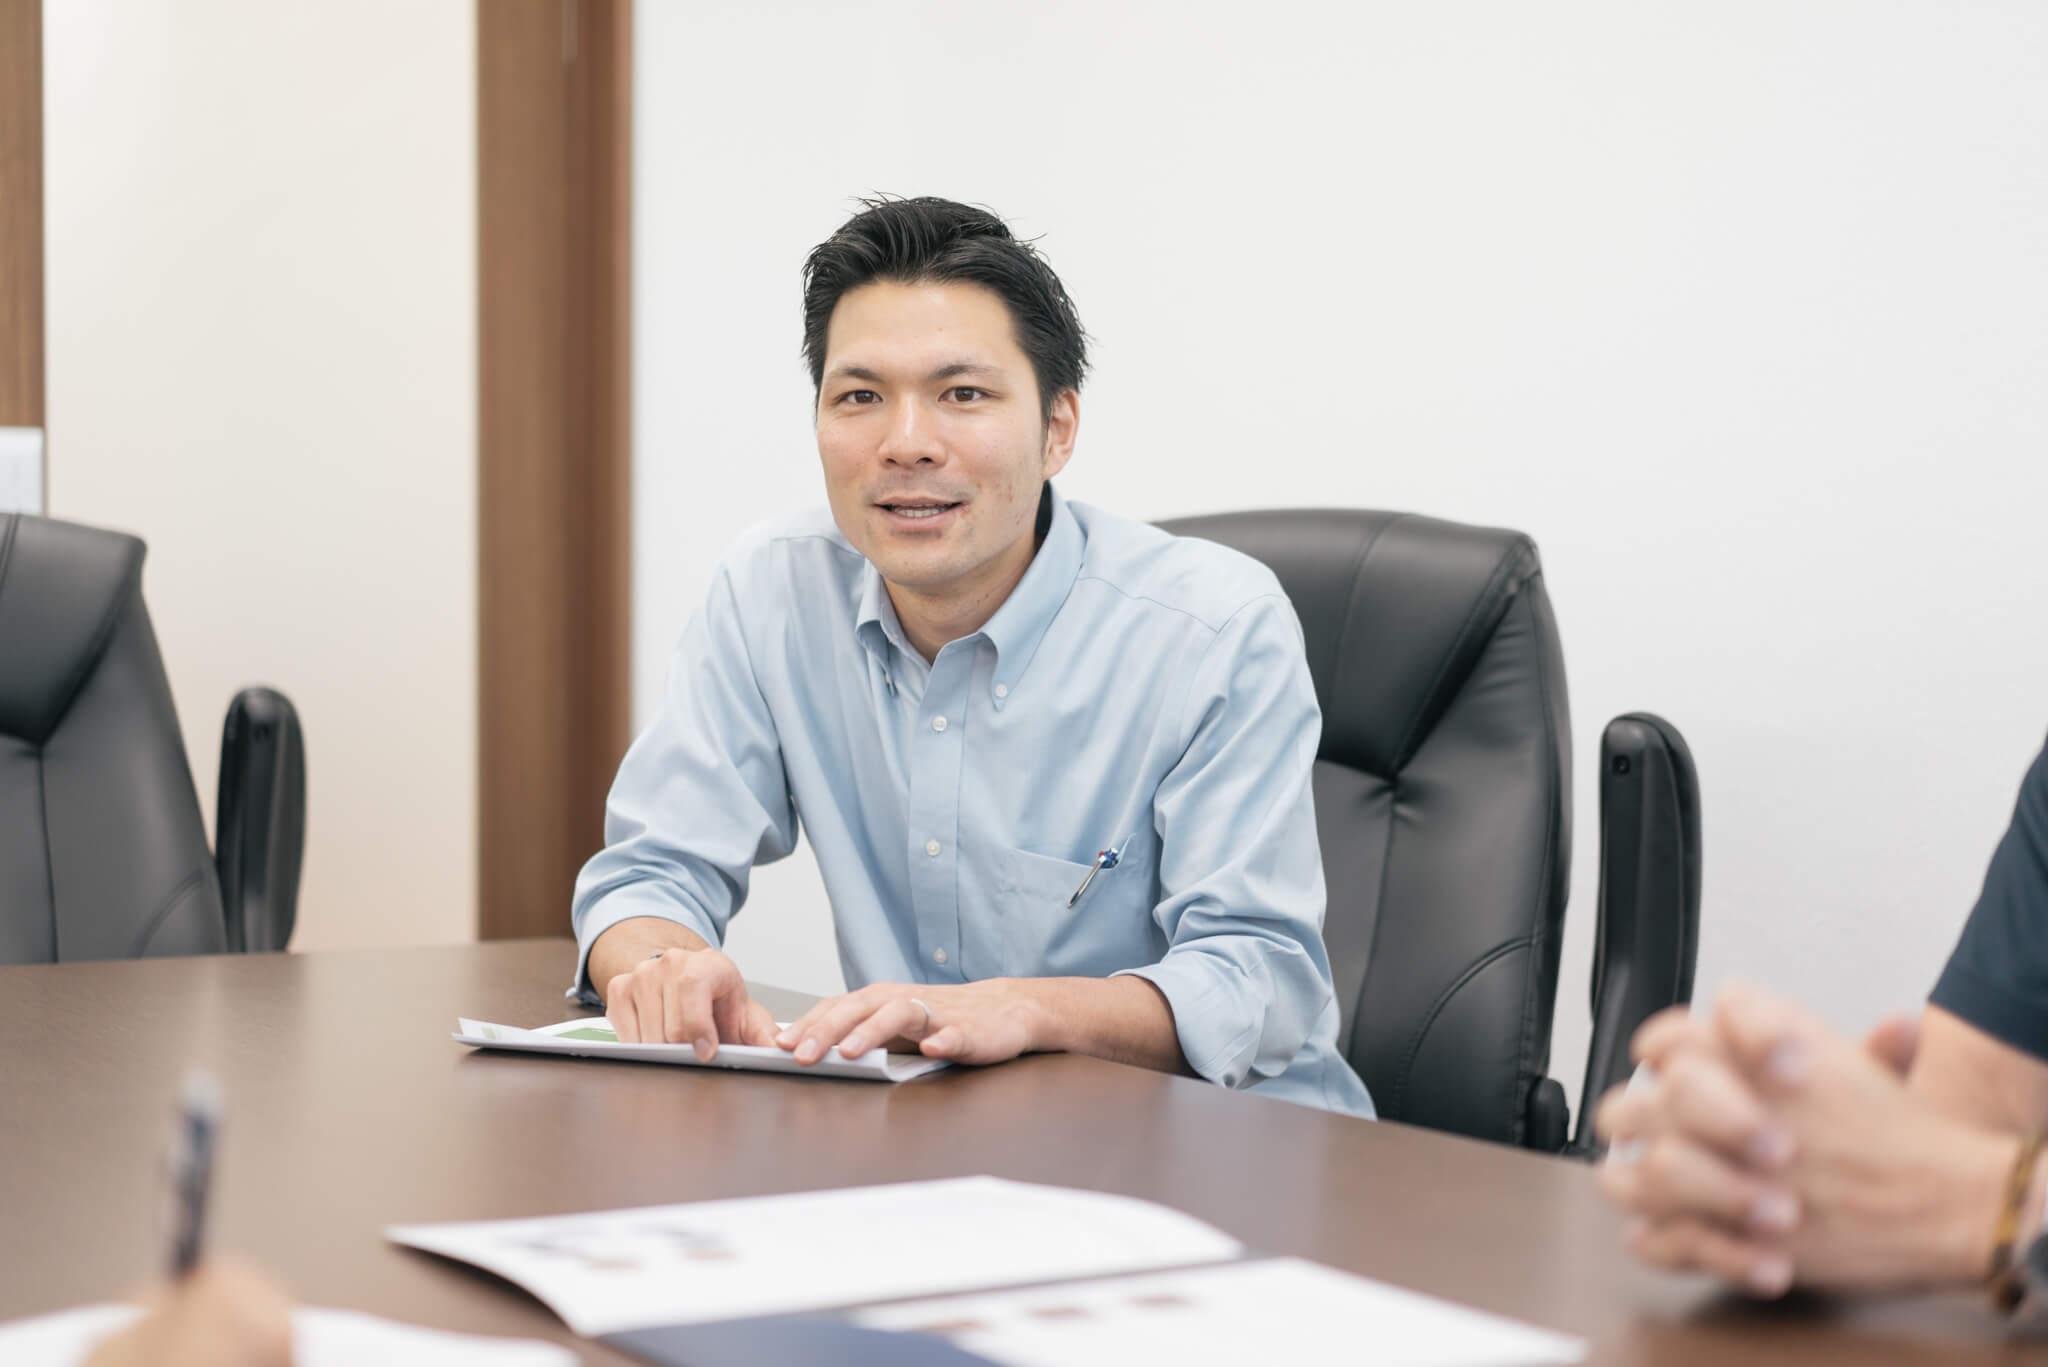 「ひとつの部署はひとつの会社、自分は社長だと思って、自ら考えてやりなさい、とよく言われています」とお話ししてくださったのは、最近ユーミーClassに入社したばかりという清田さん。